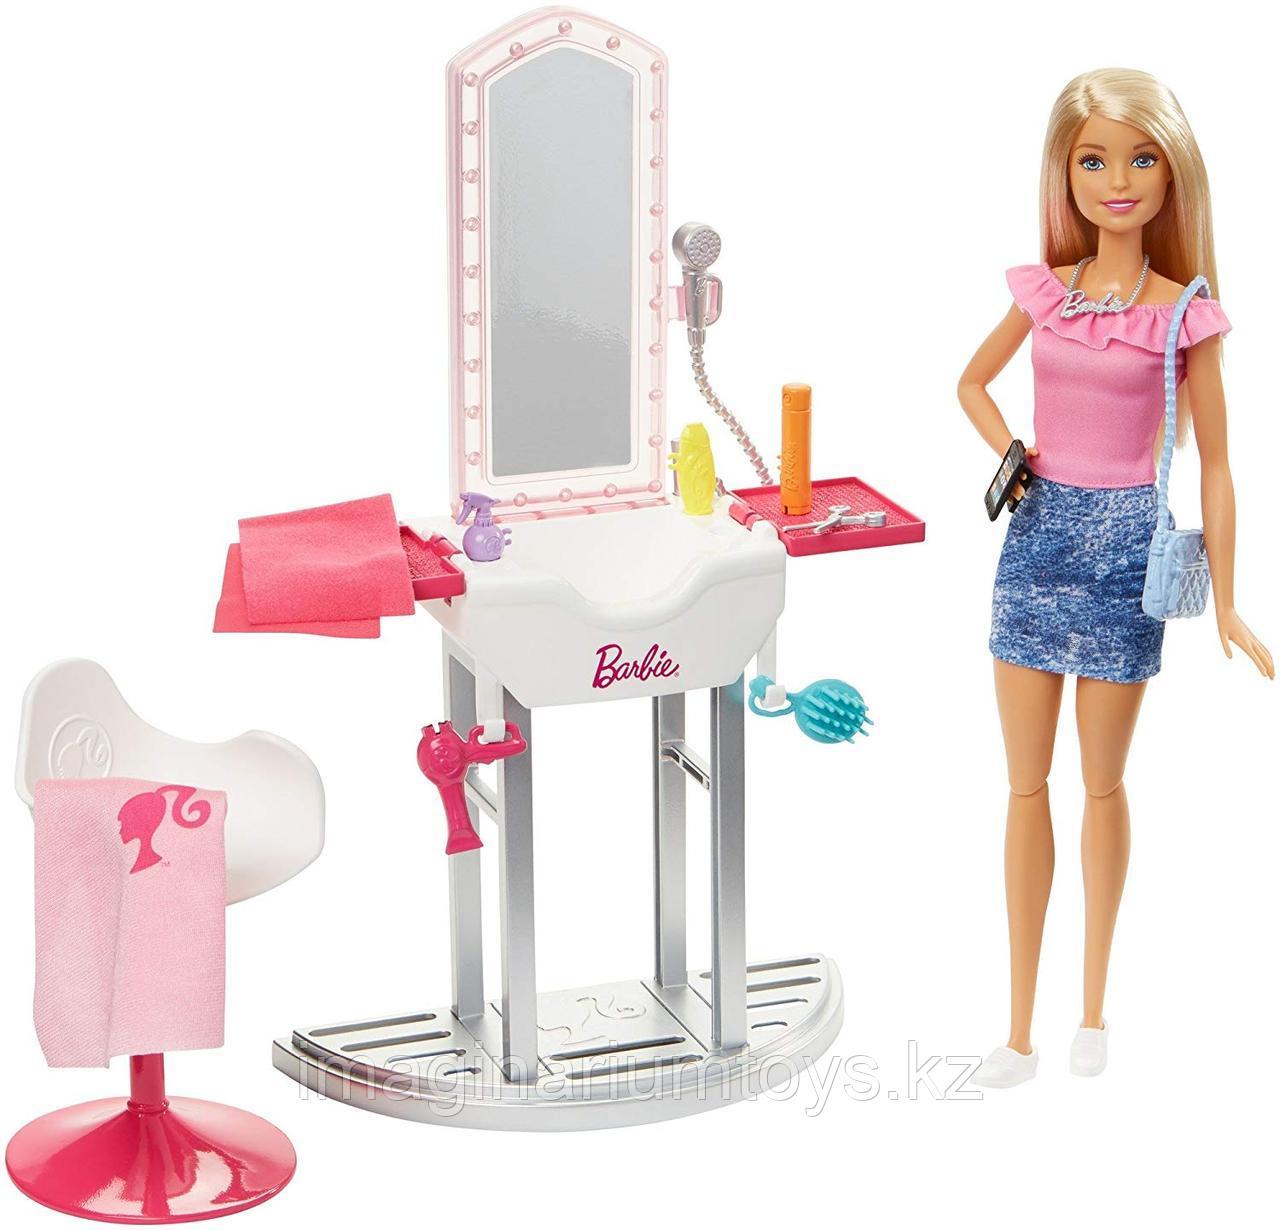 Модный салон Барби игровой набор Barbie